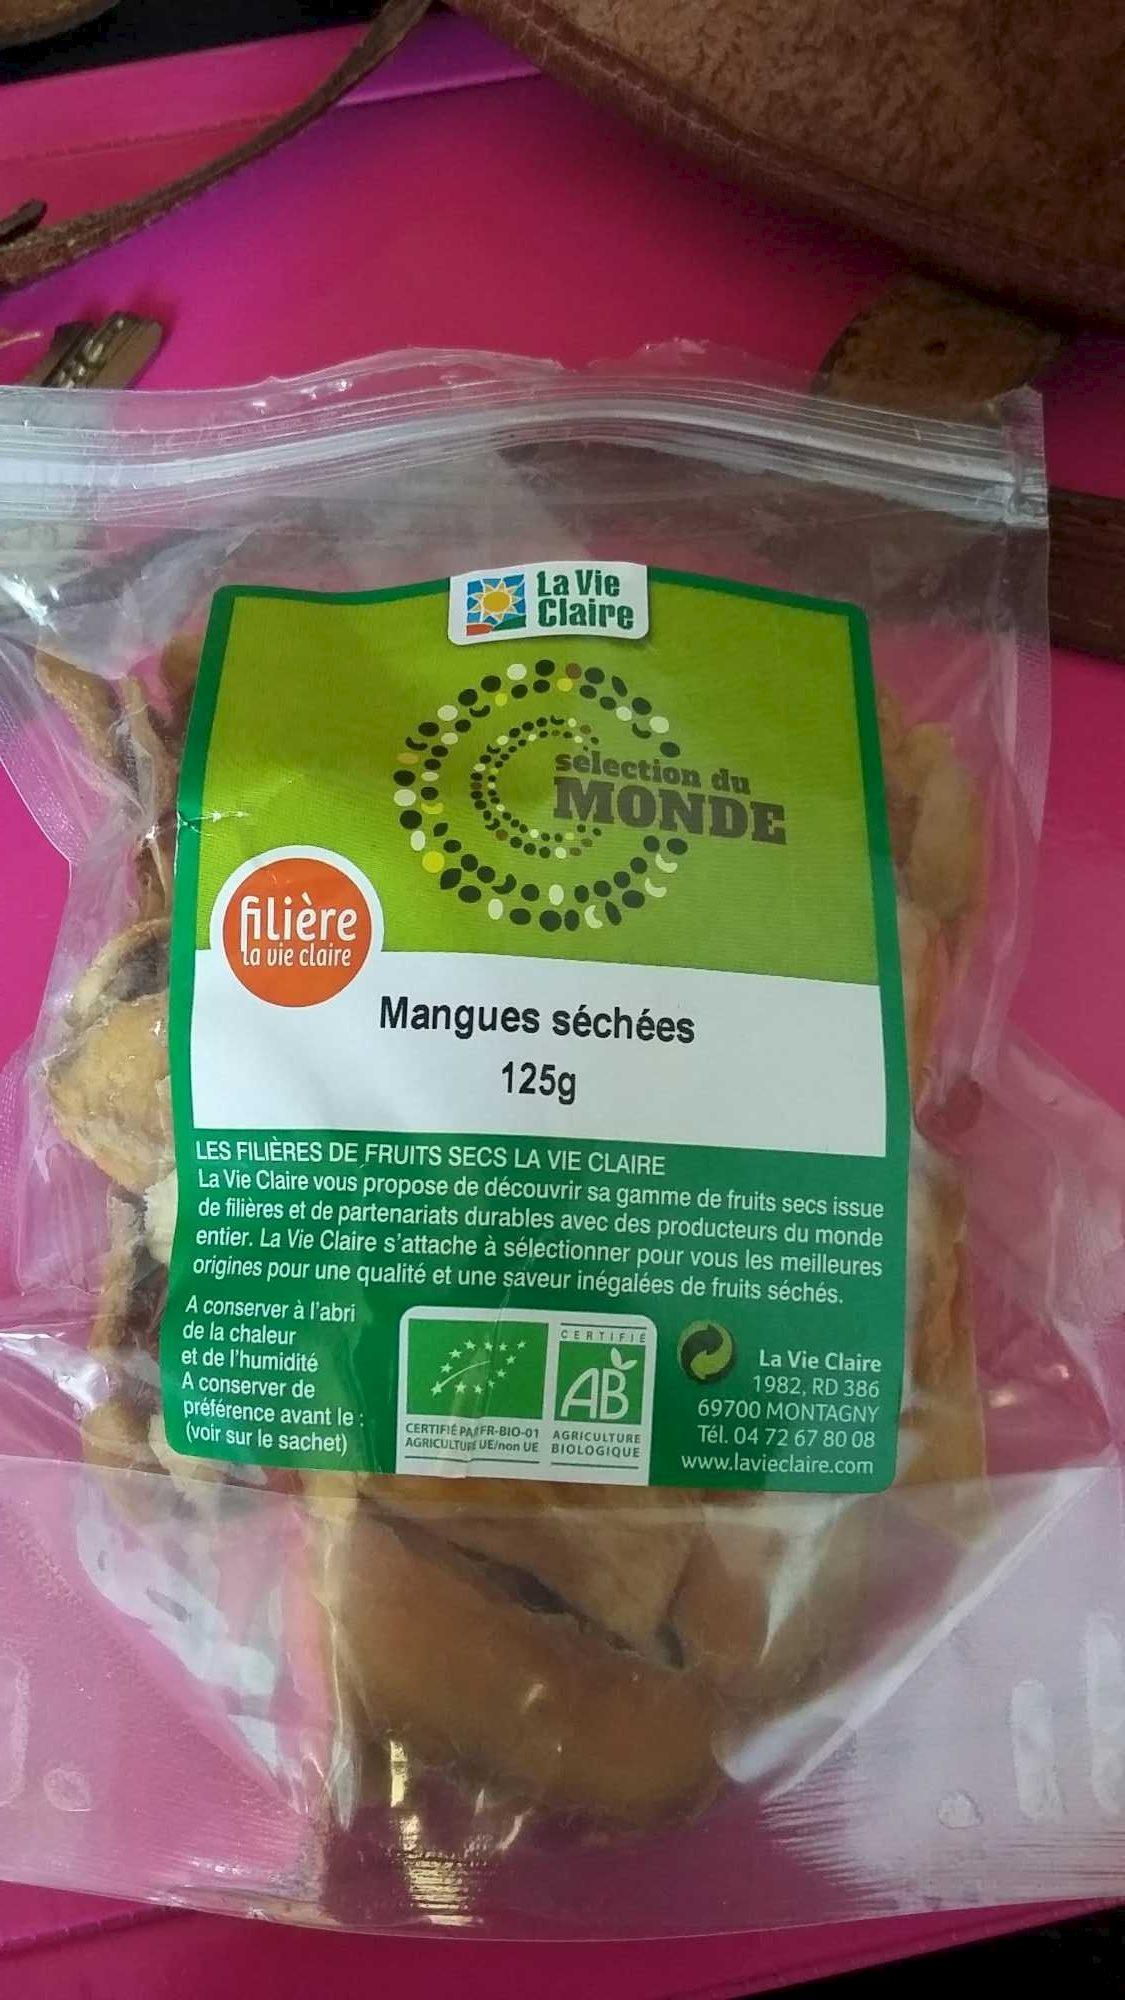 Mangues Séchées - Produit - fr